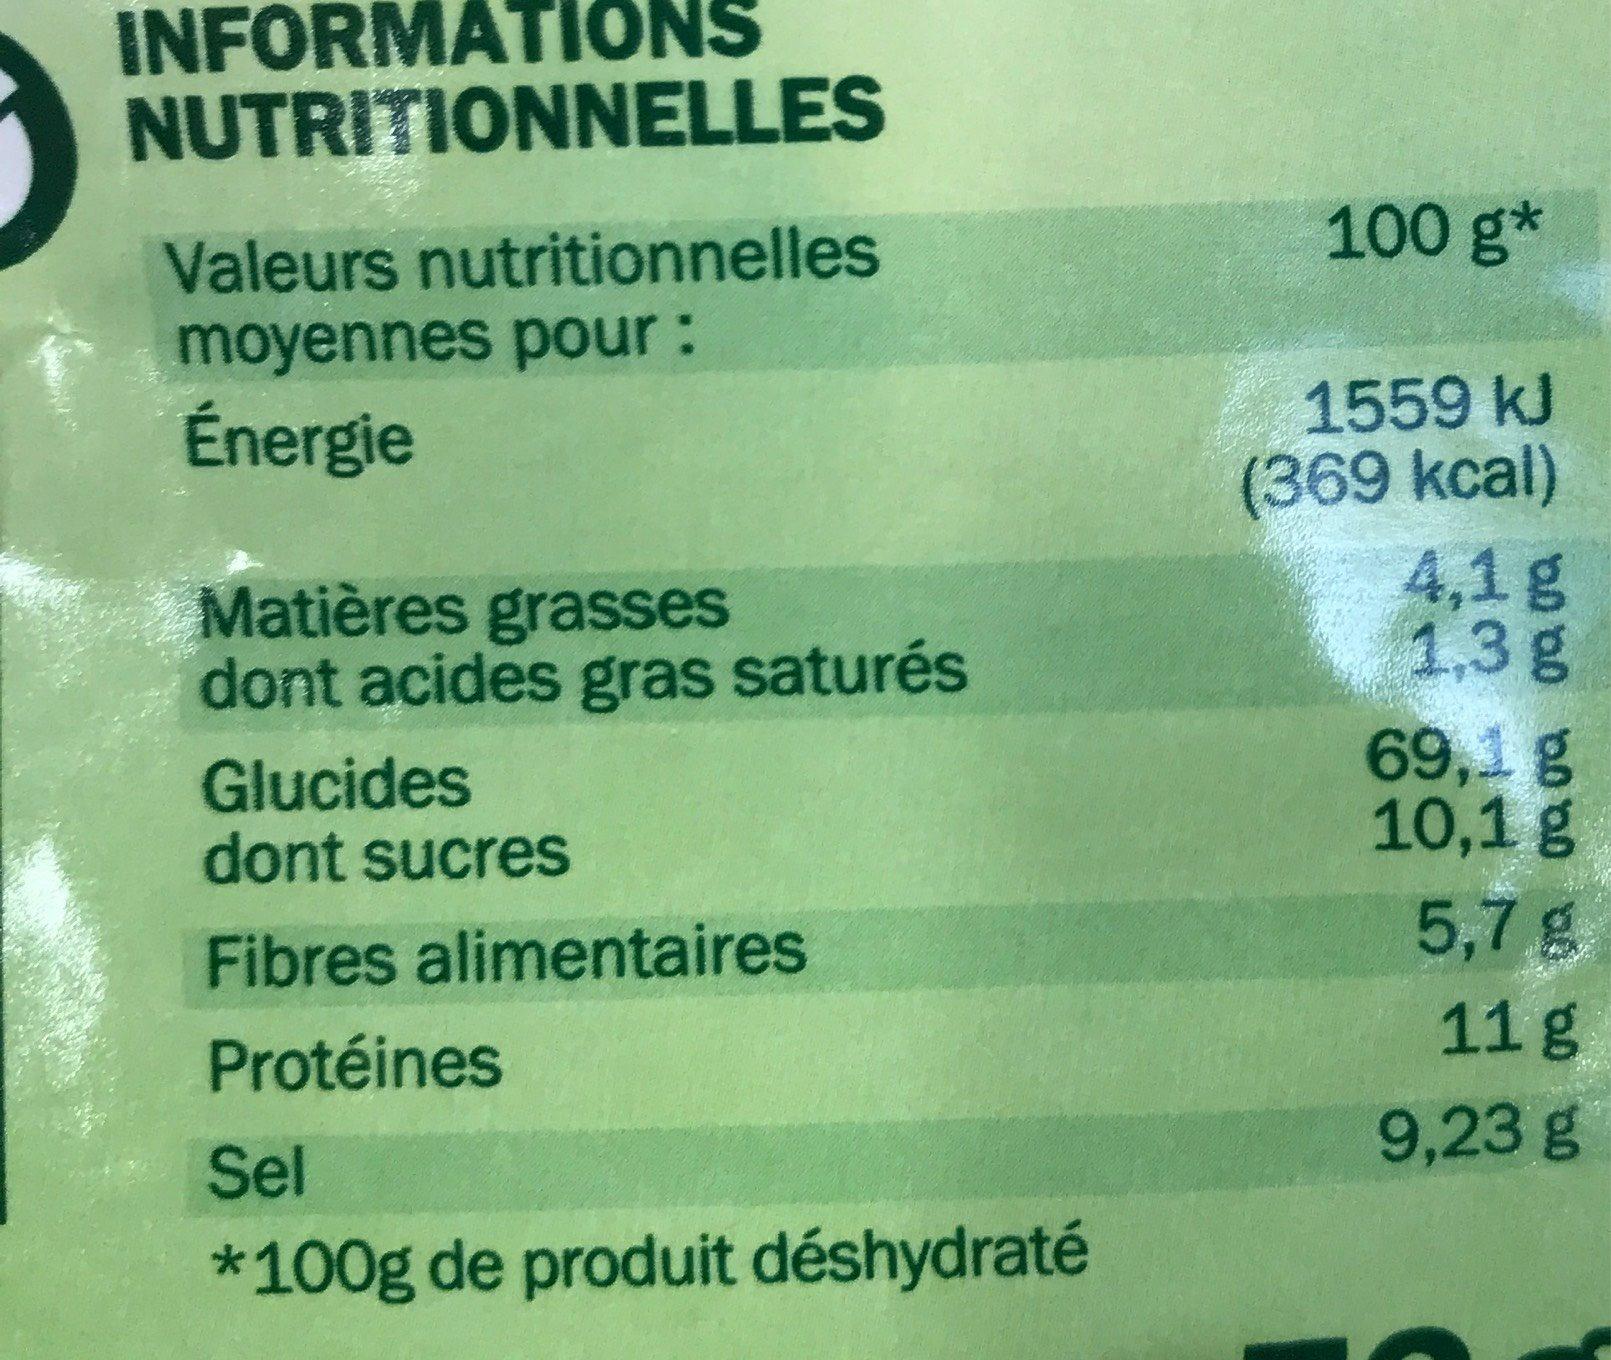 Soupe déshydratée poule au pot aux petits légumes - sachet - Informations nutritionnelles - fr